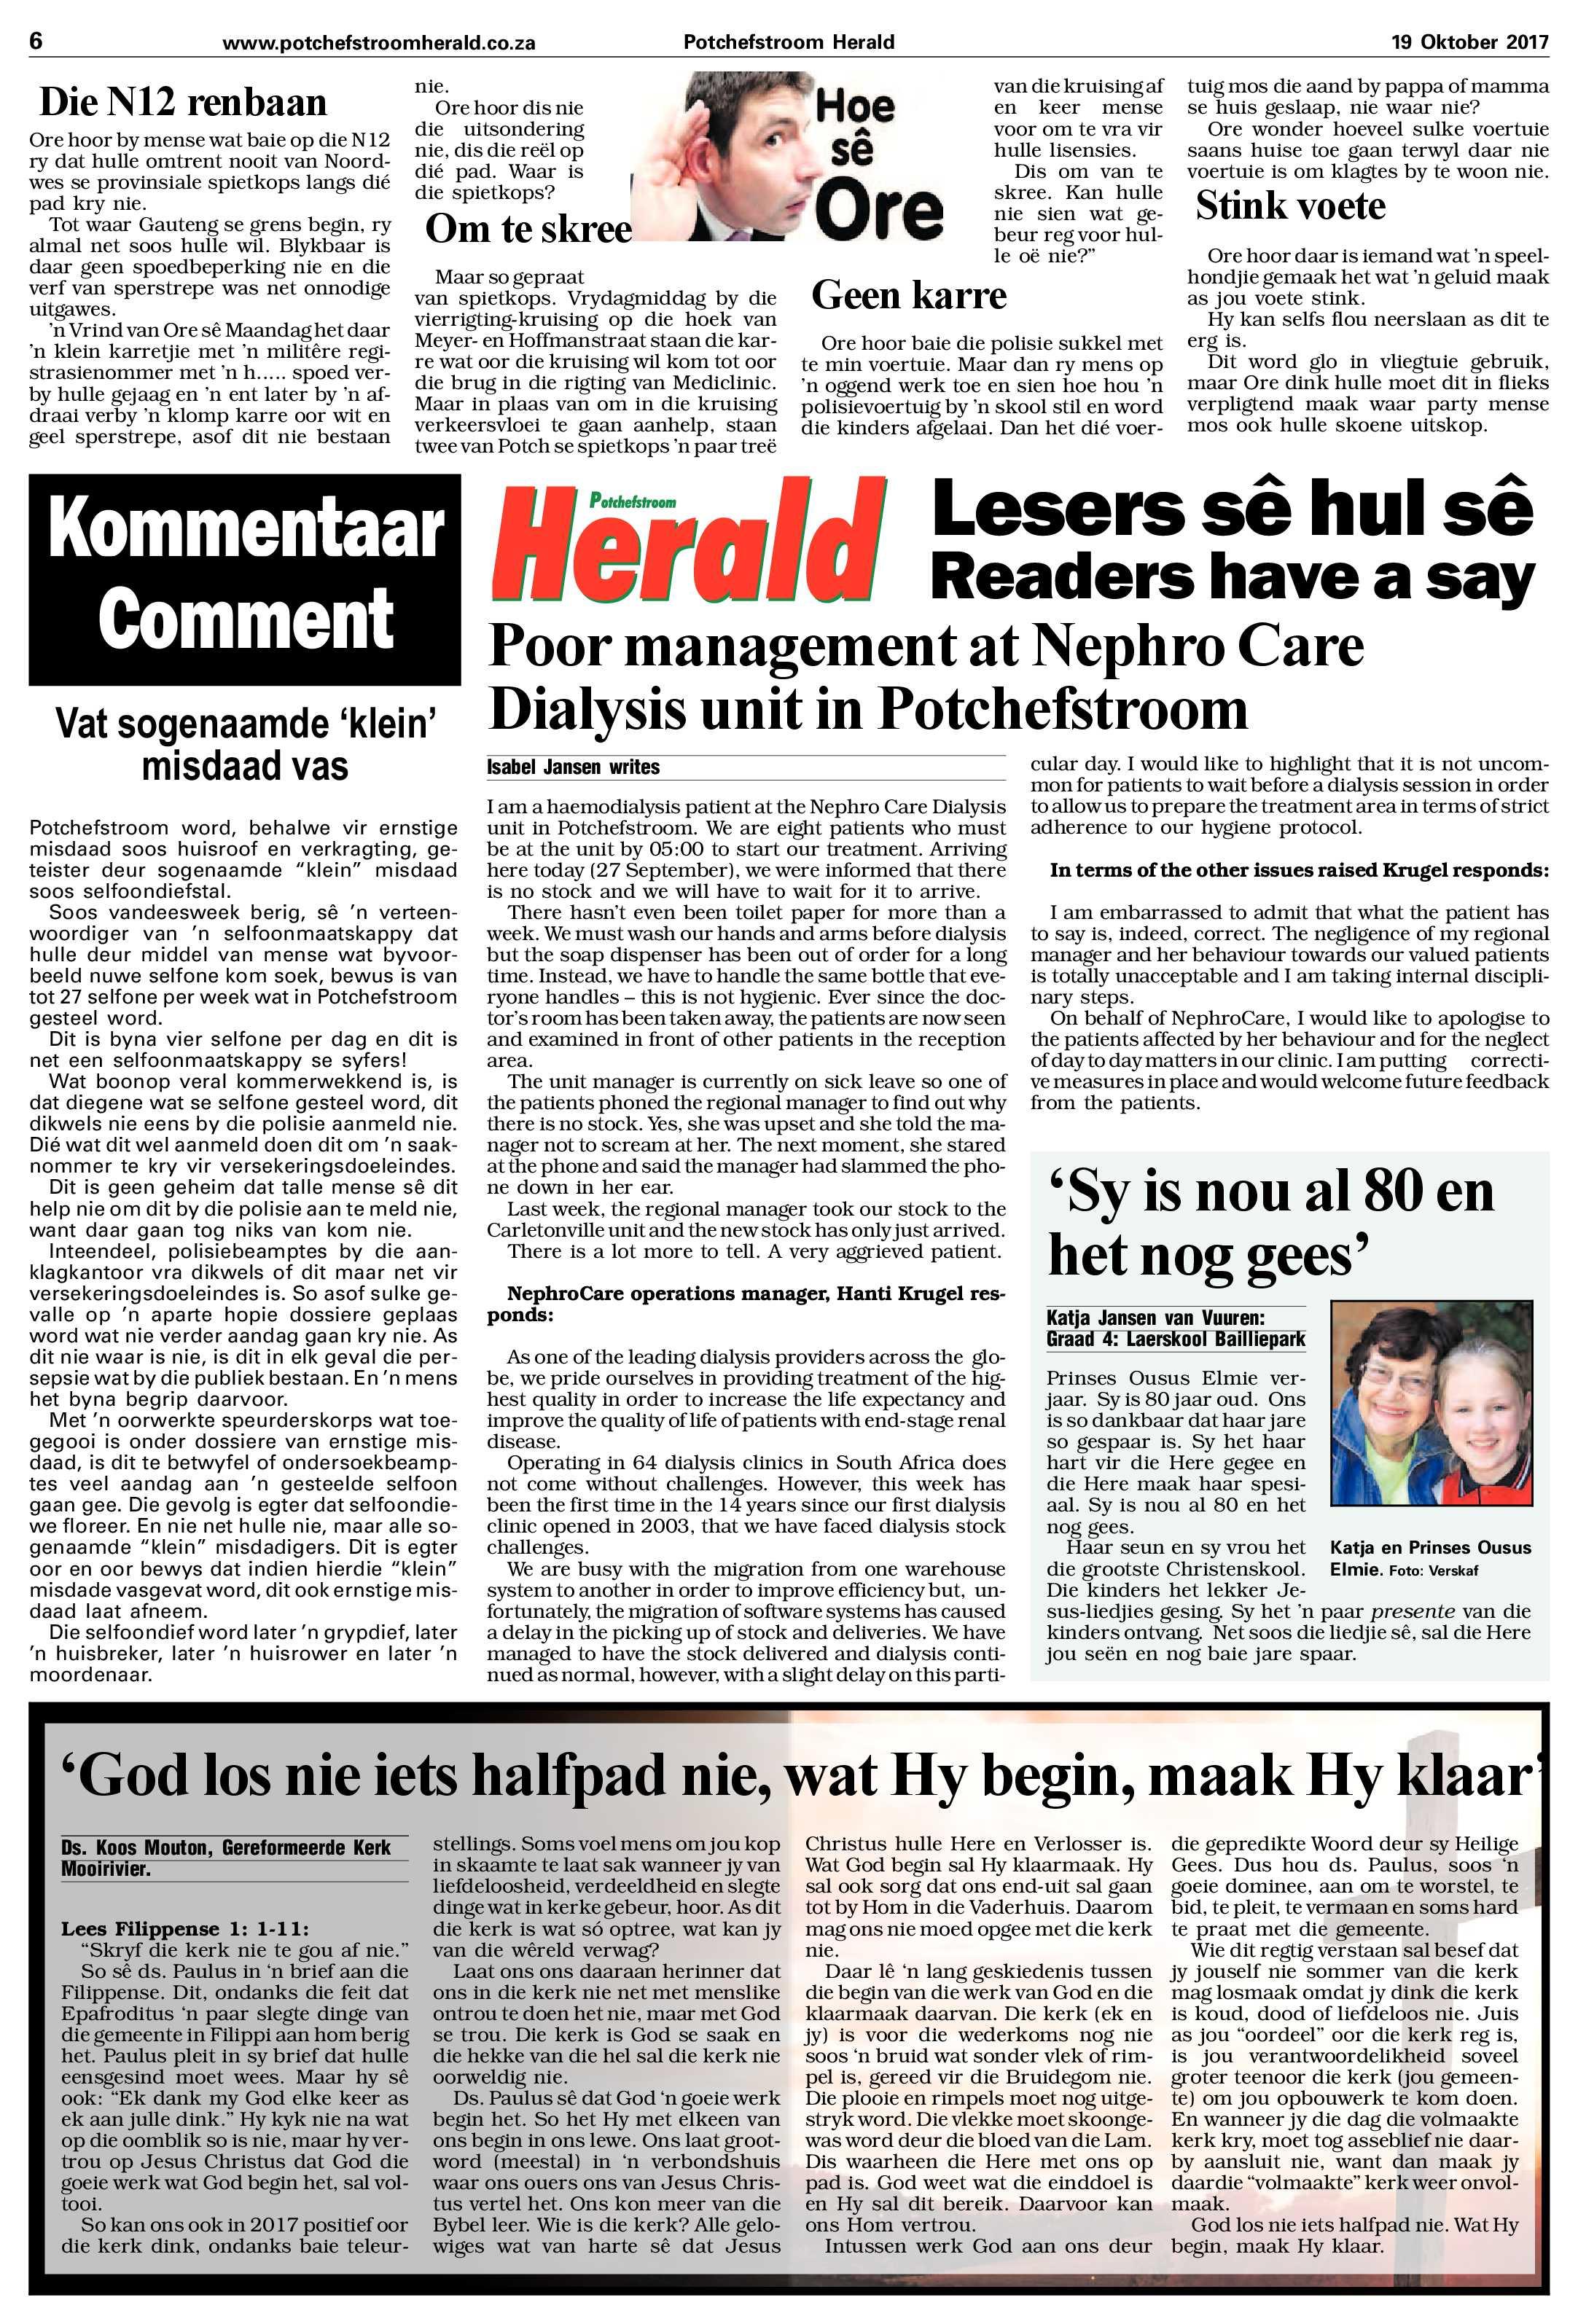 19-oktober-2017-epapers-page-6